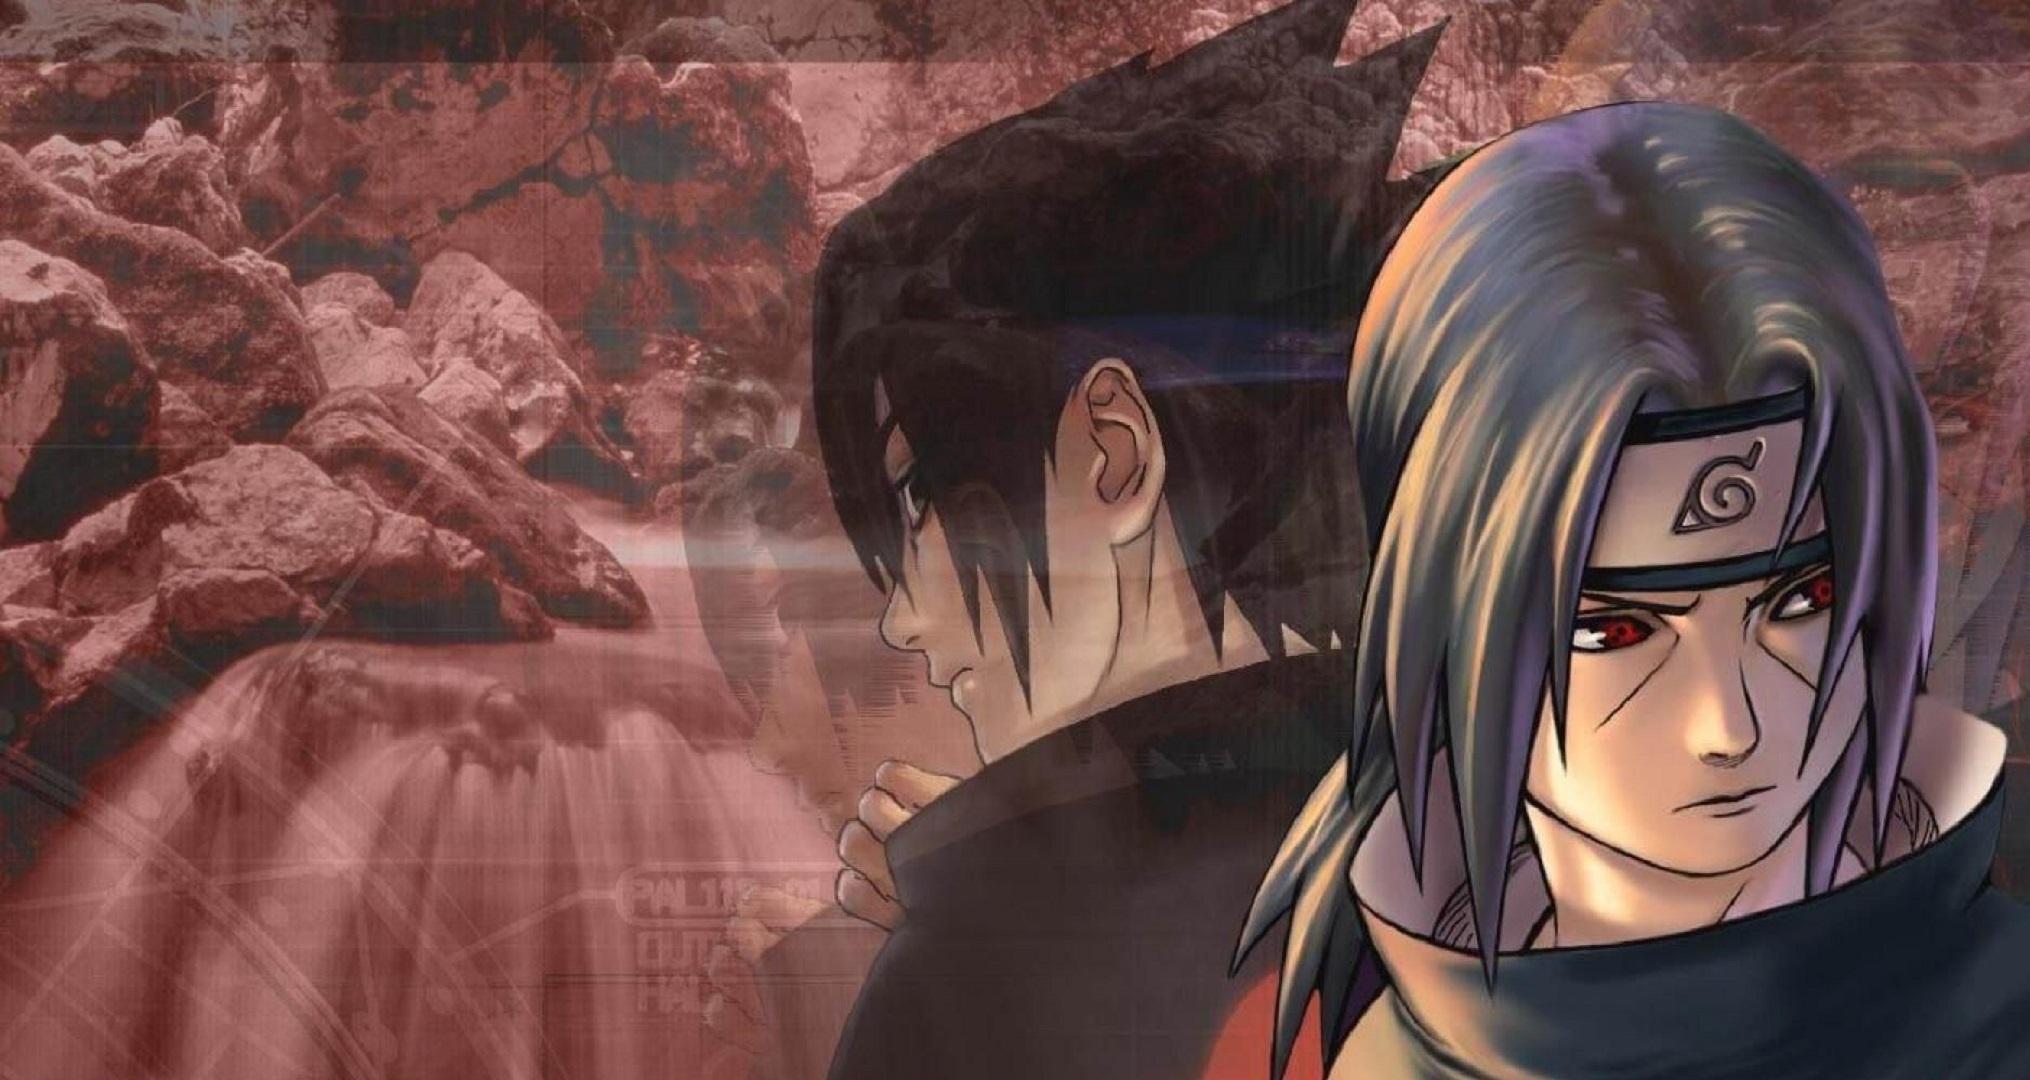 Sasuke Uchiha Wallpapers Hd